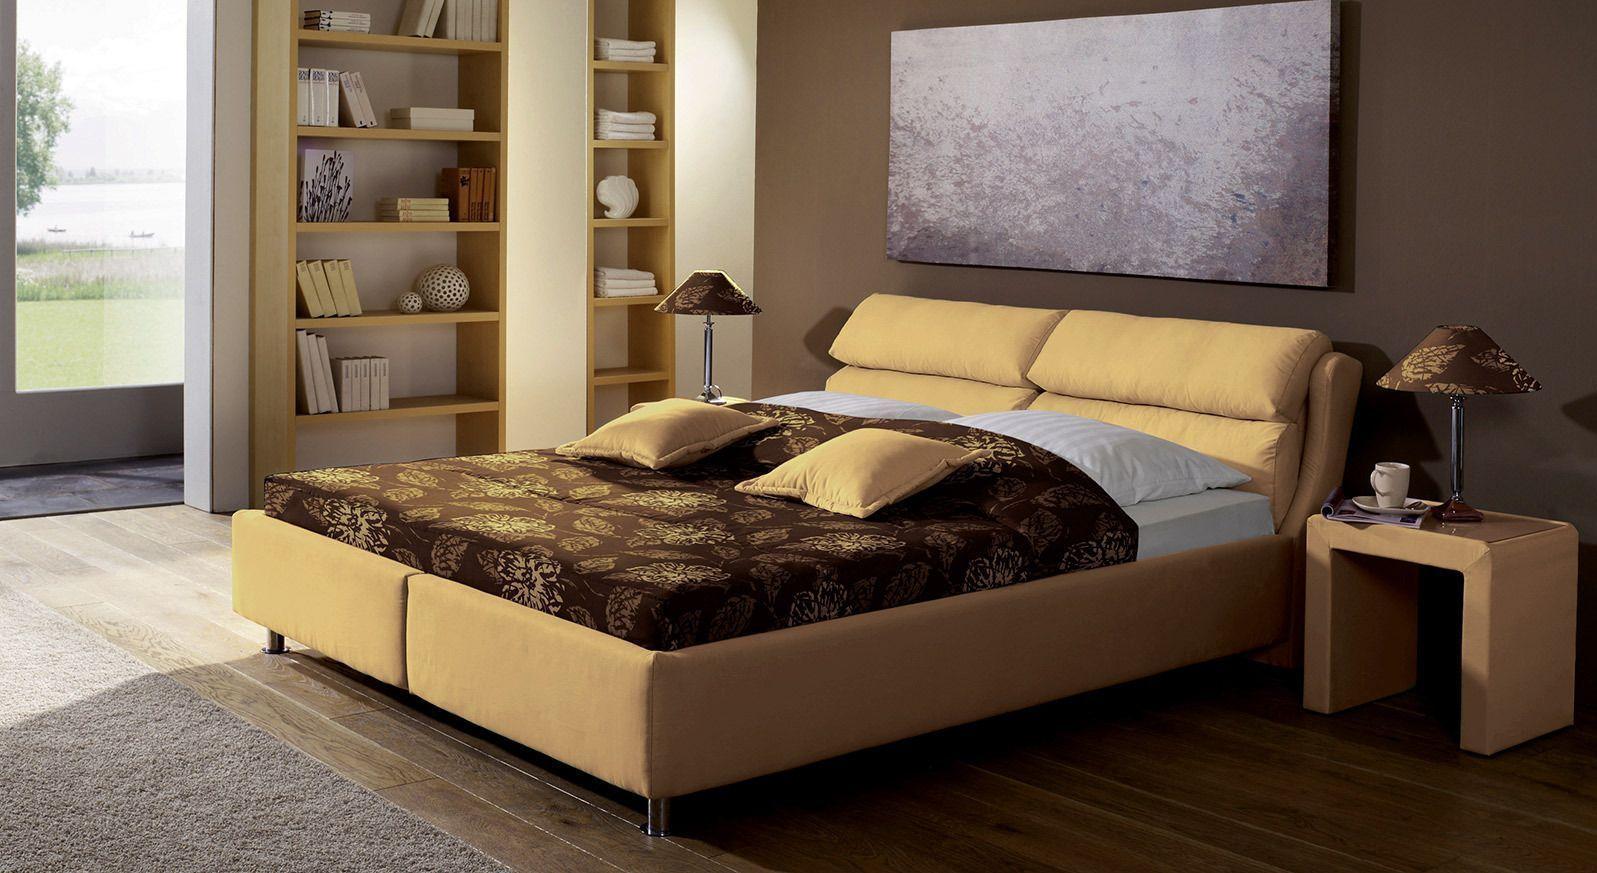 Bett Catania in beige mit verstellbarem Kopfteil